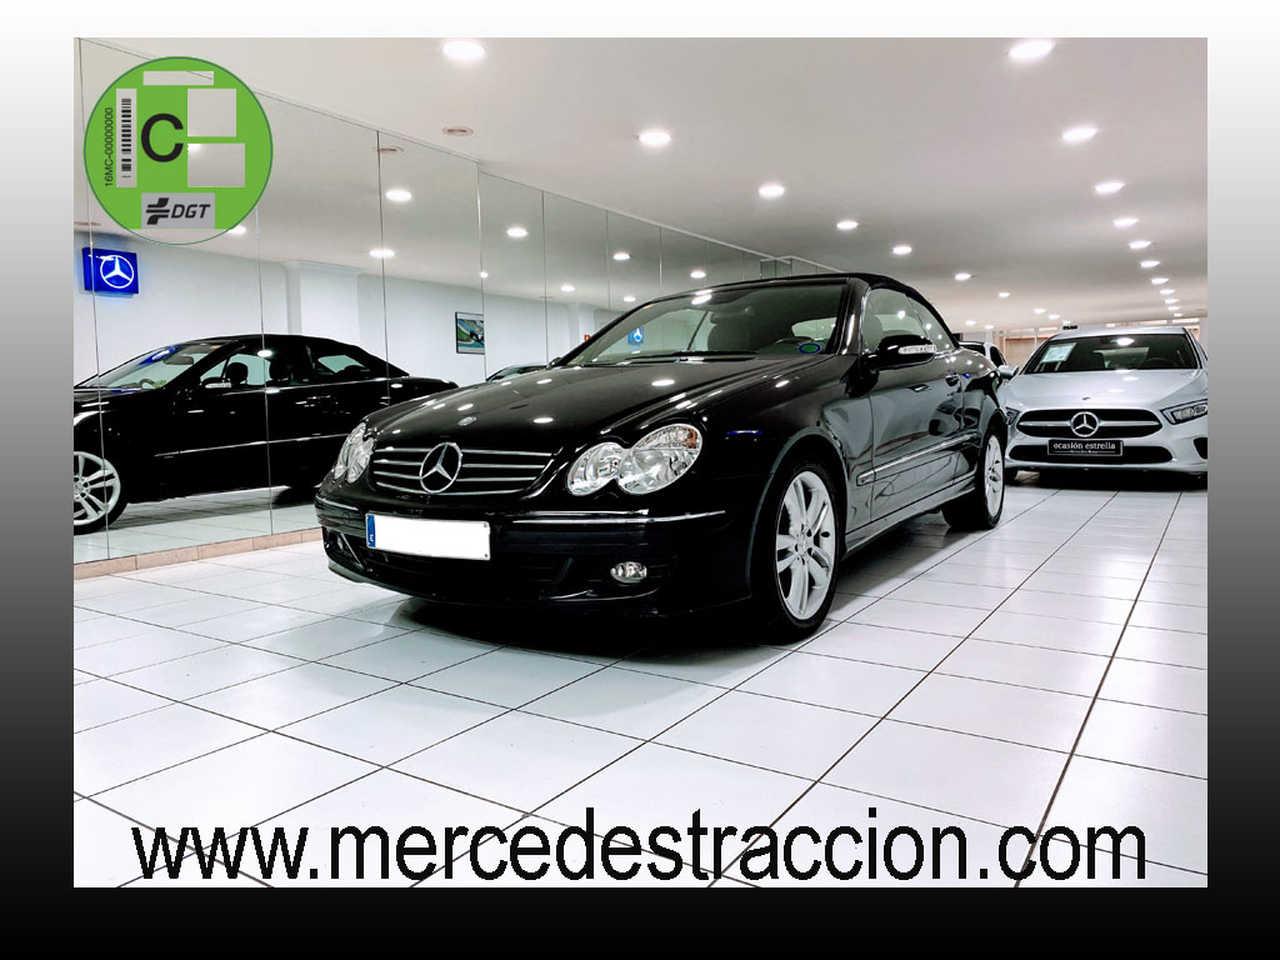 Mercedes CLK 280 Cabrio/7G/Avantgarde/67.870 km   - Foto 1